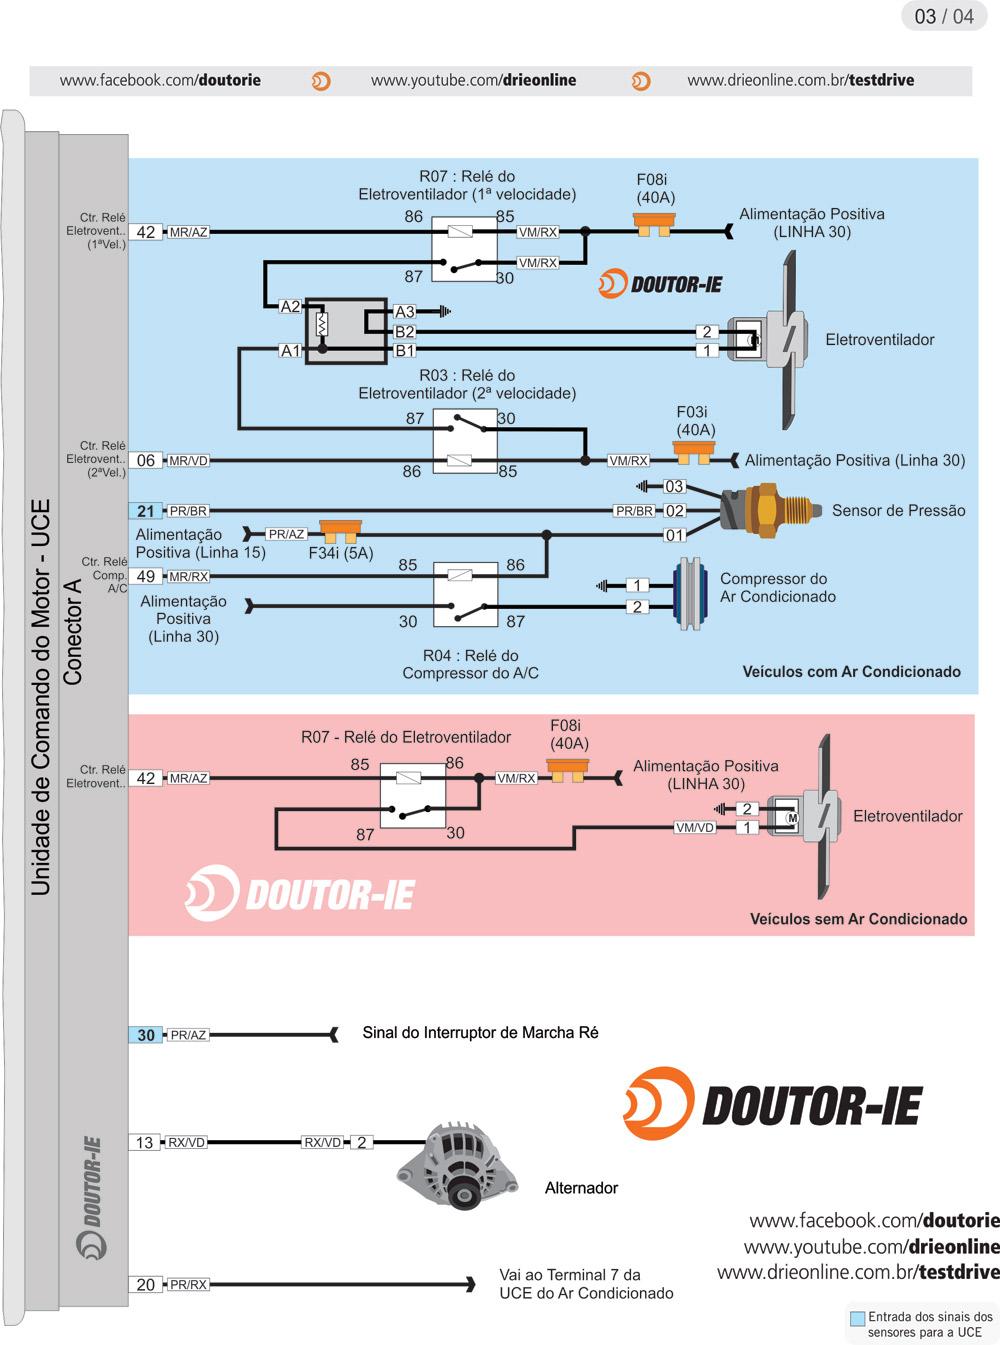 oficina brasil tecnicas diagrama eletrico  localizacao da uce da injecao eletronica